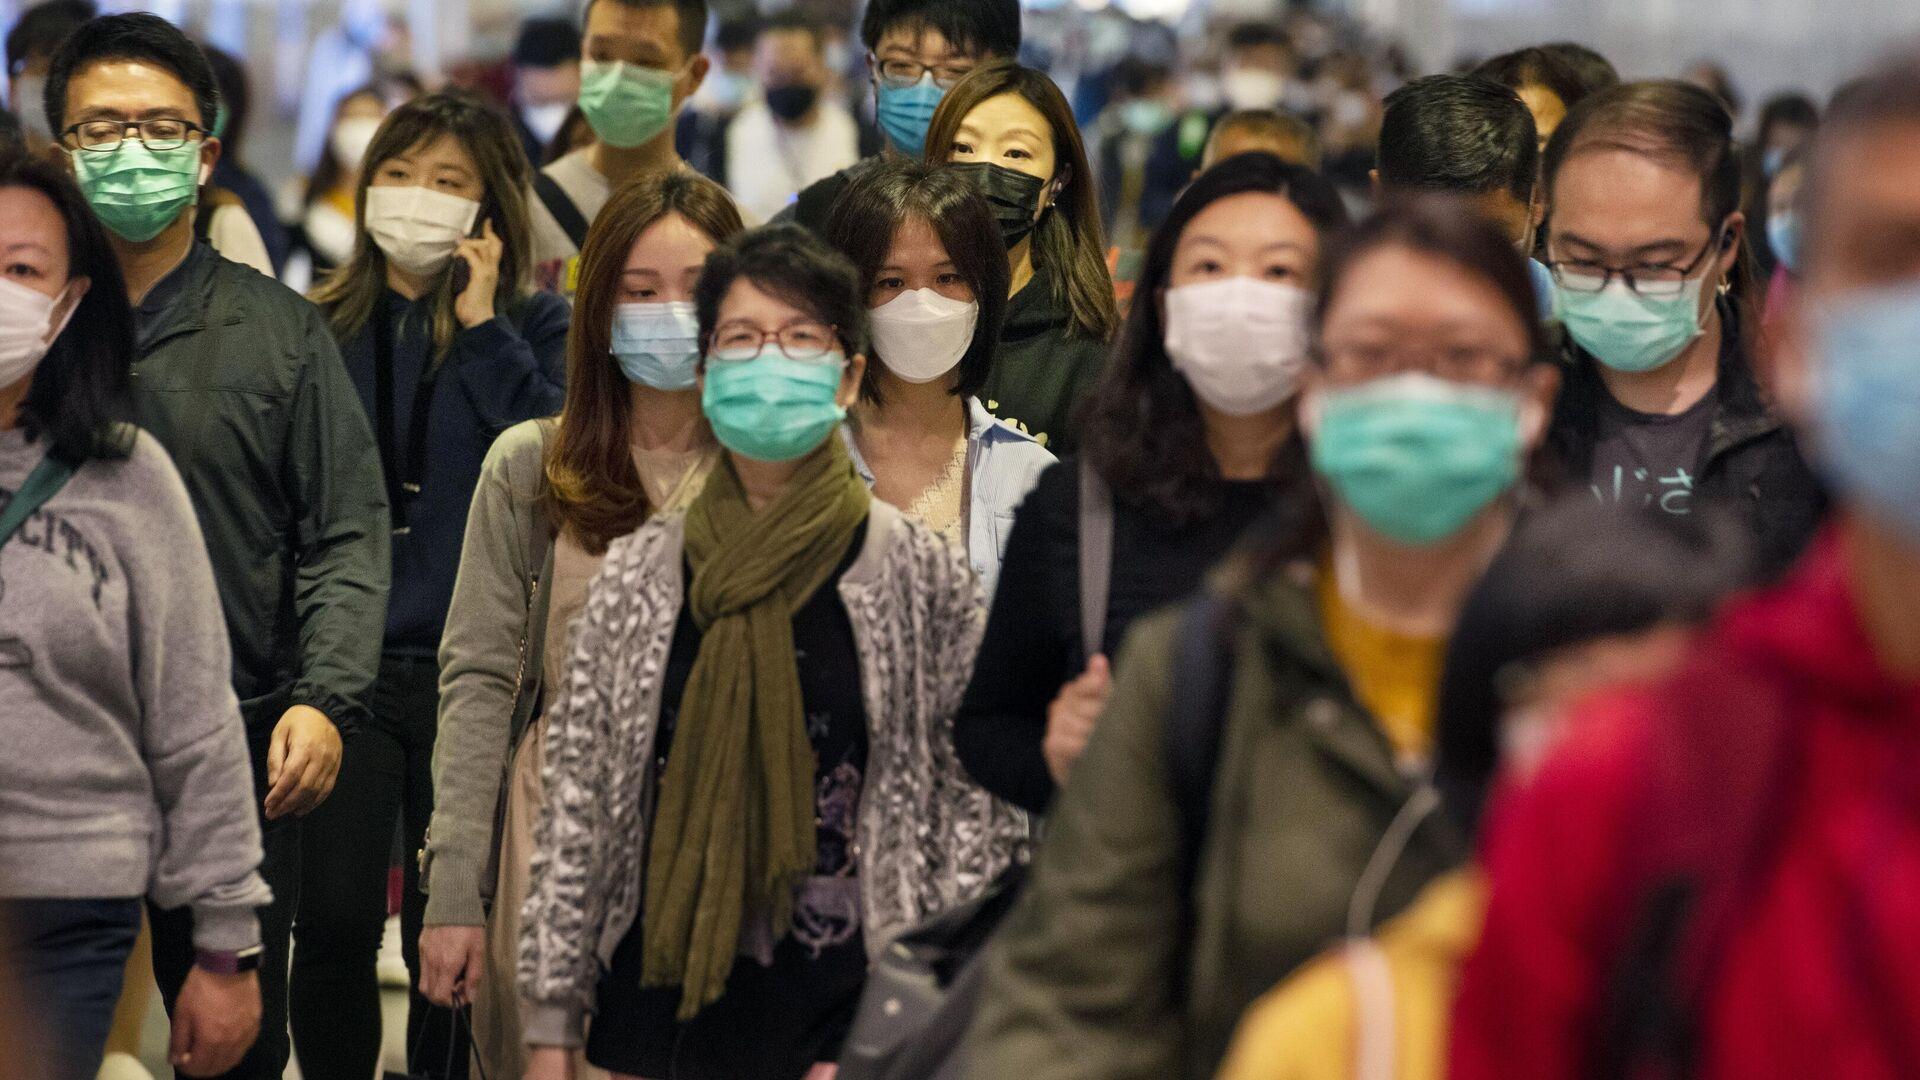 Пассажиры в медицинских масках в переходе метро Гонконга - РИА Новости, 1920, 05.02.2021